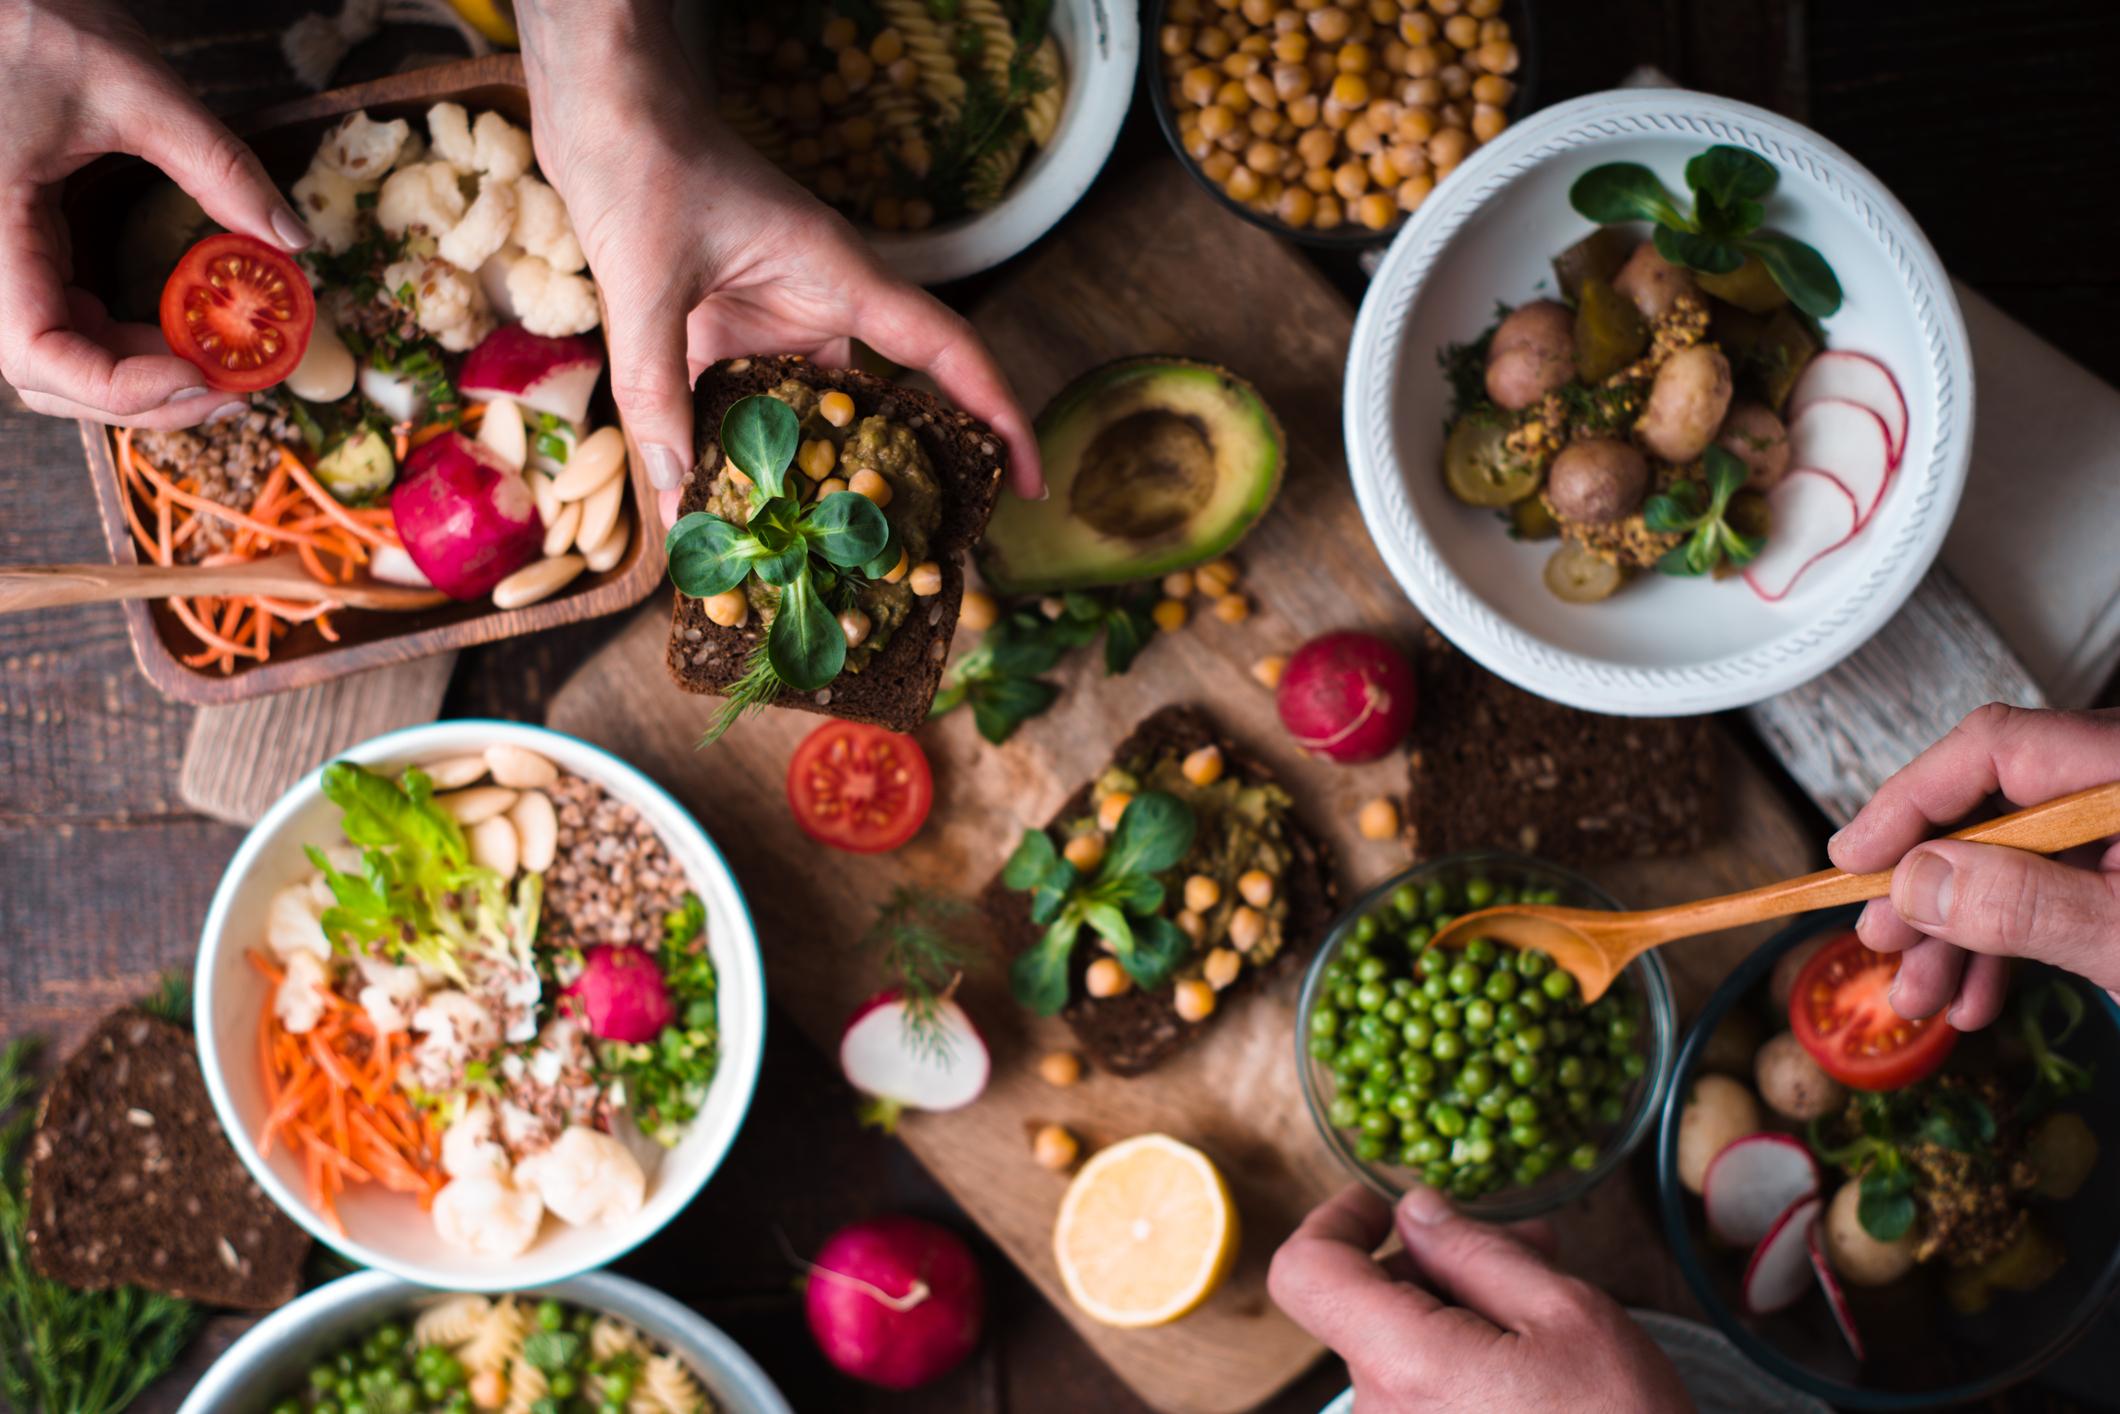 Alkali beslenme sağlık için gerçekten faydalı mı? - Yerelin Gündemi